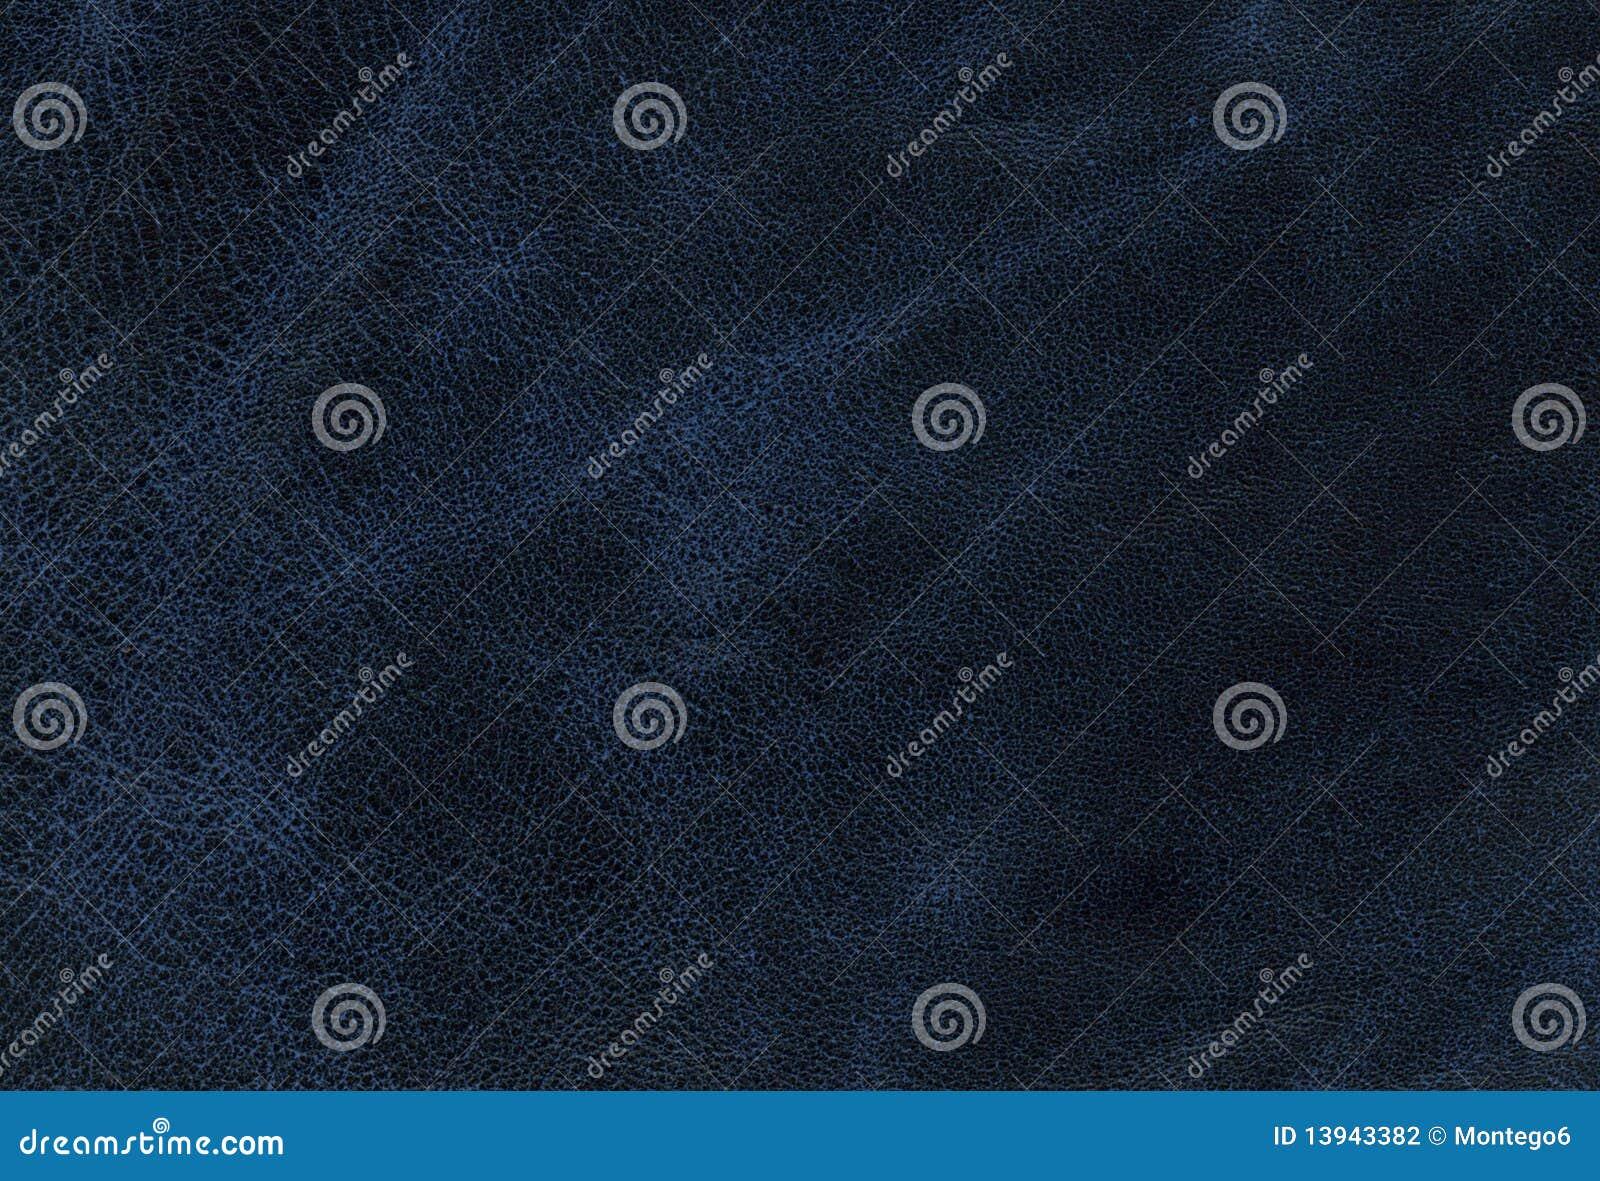 Μπλε σύσταση δέρματος